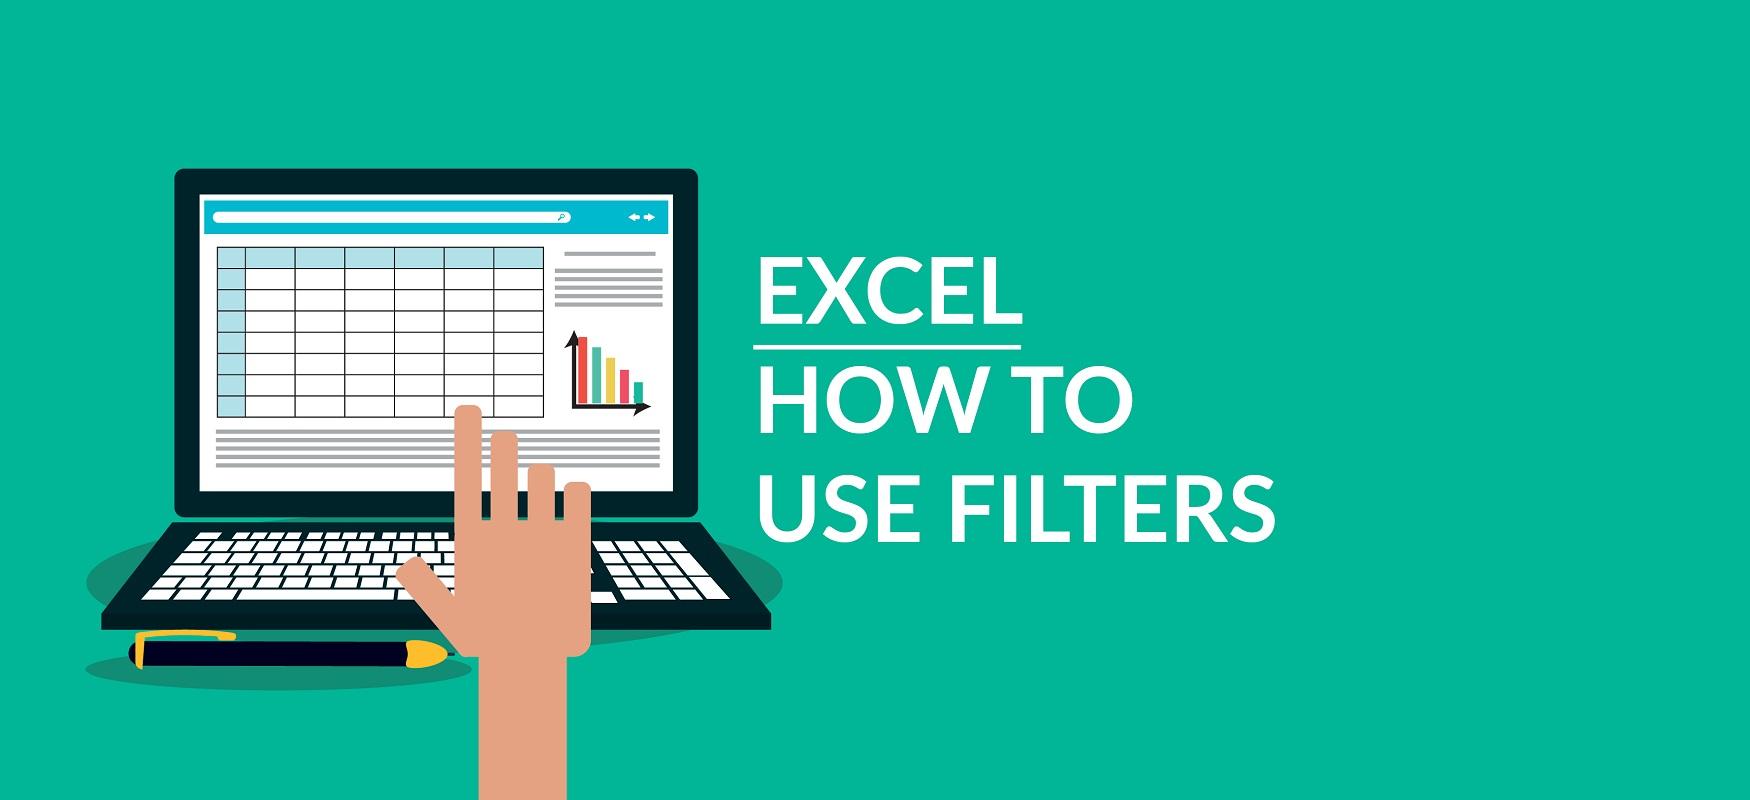 فیلتر در اکسل — راهنمای کاربردی